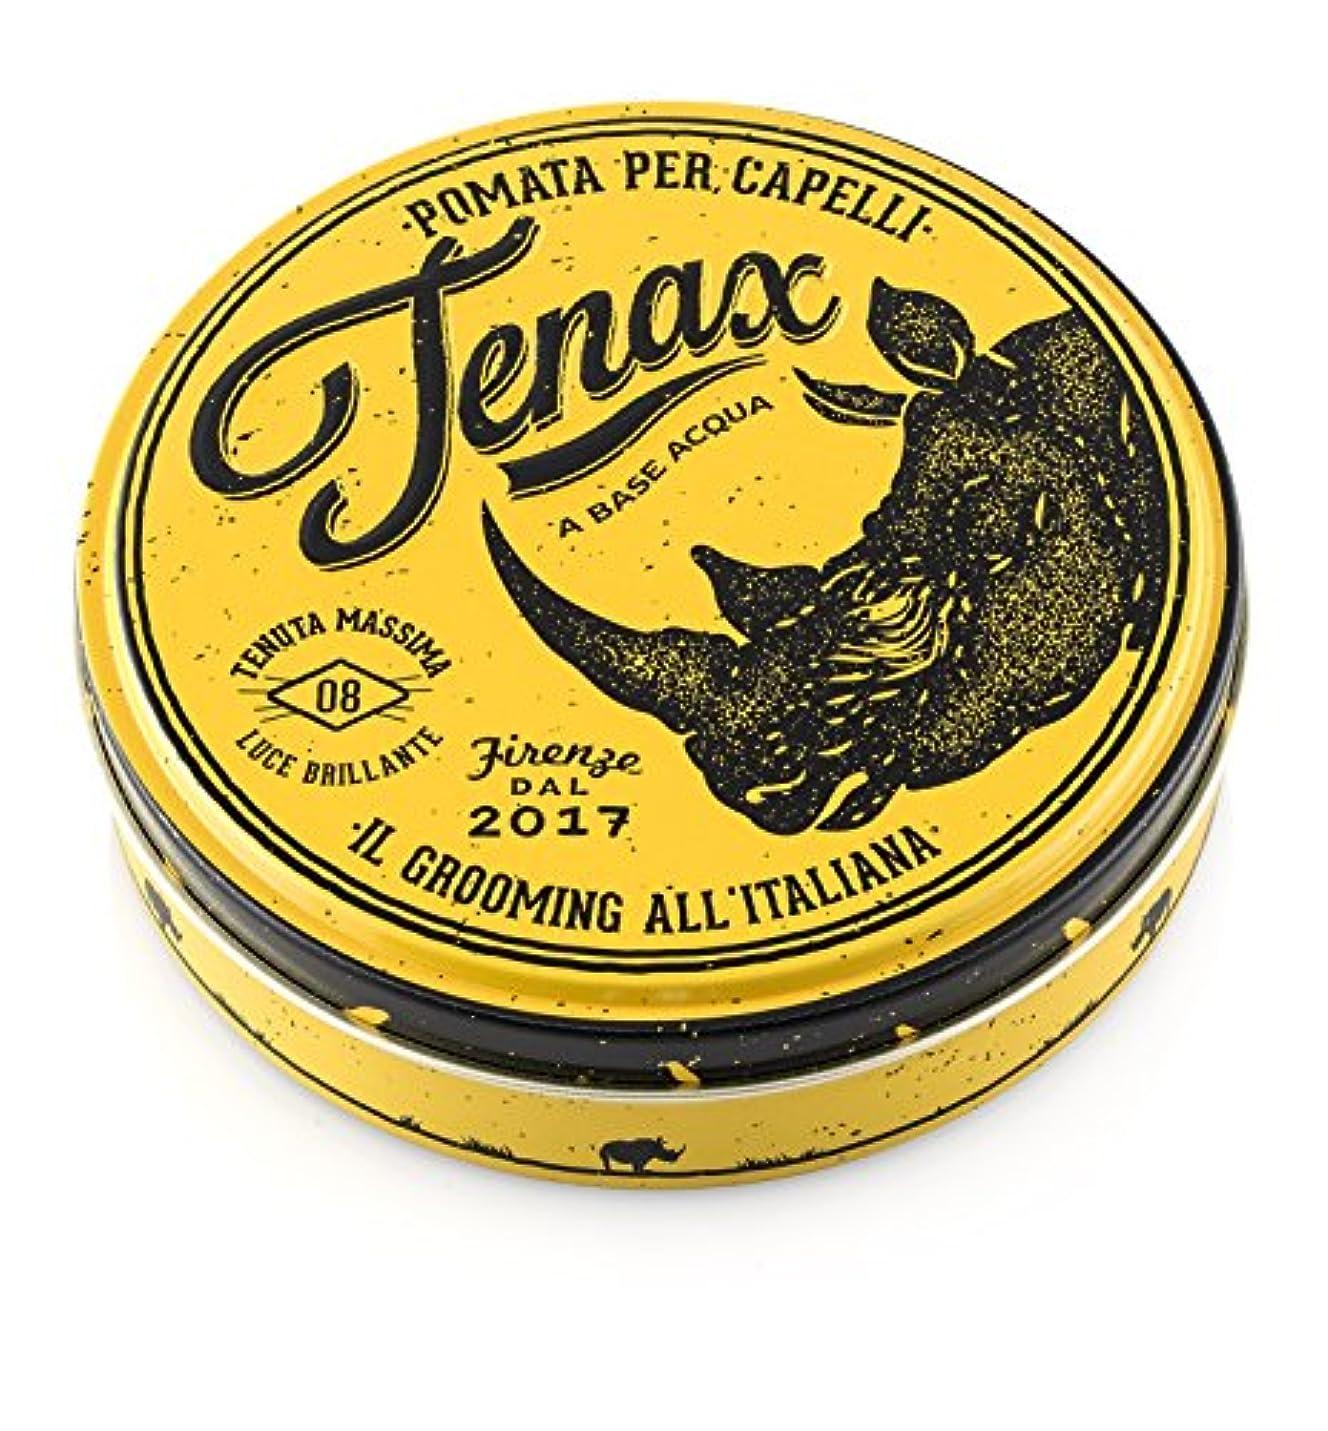 さておき勇敢な通信網Tenax(テナックス) ポマード ストロング